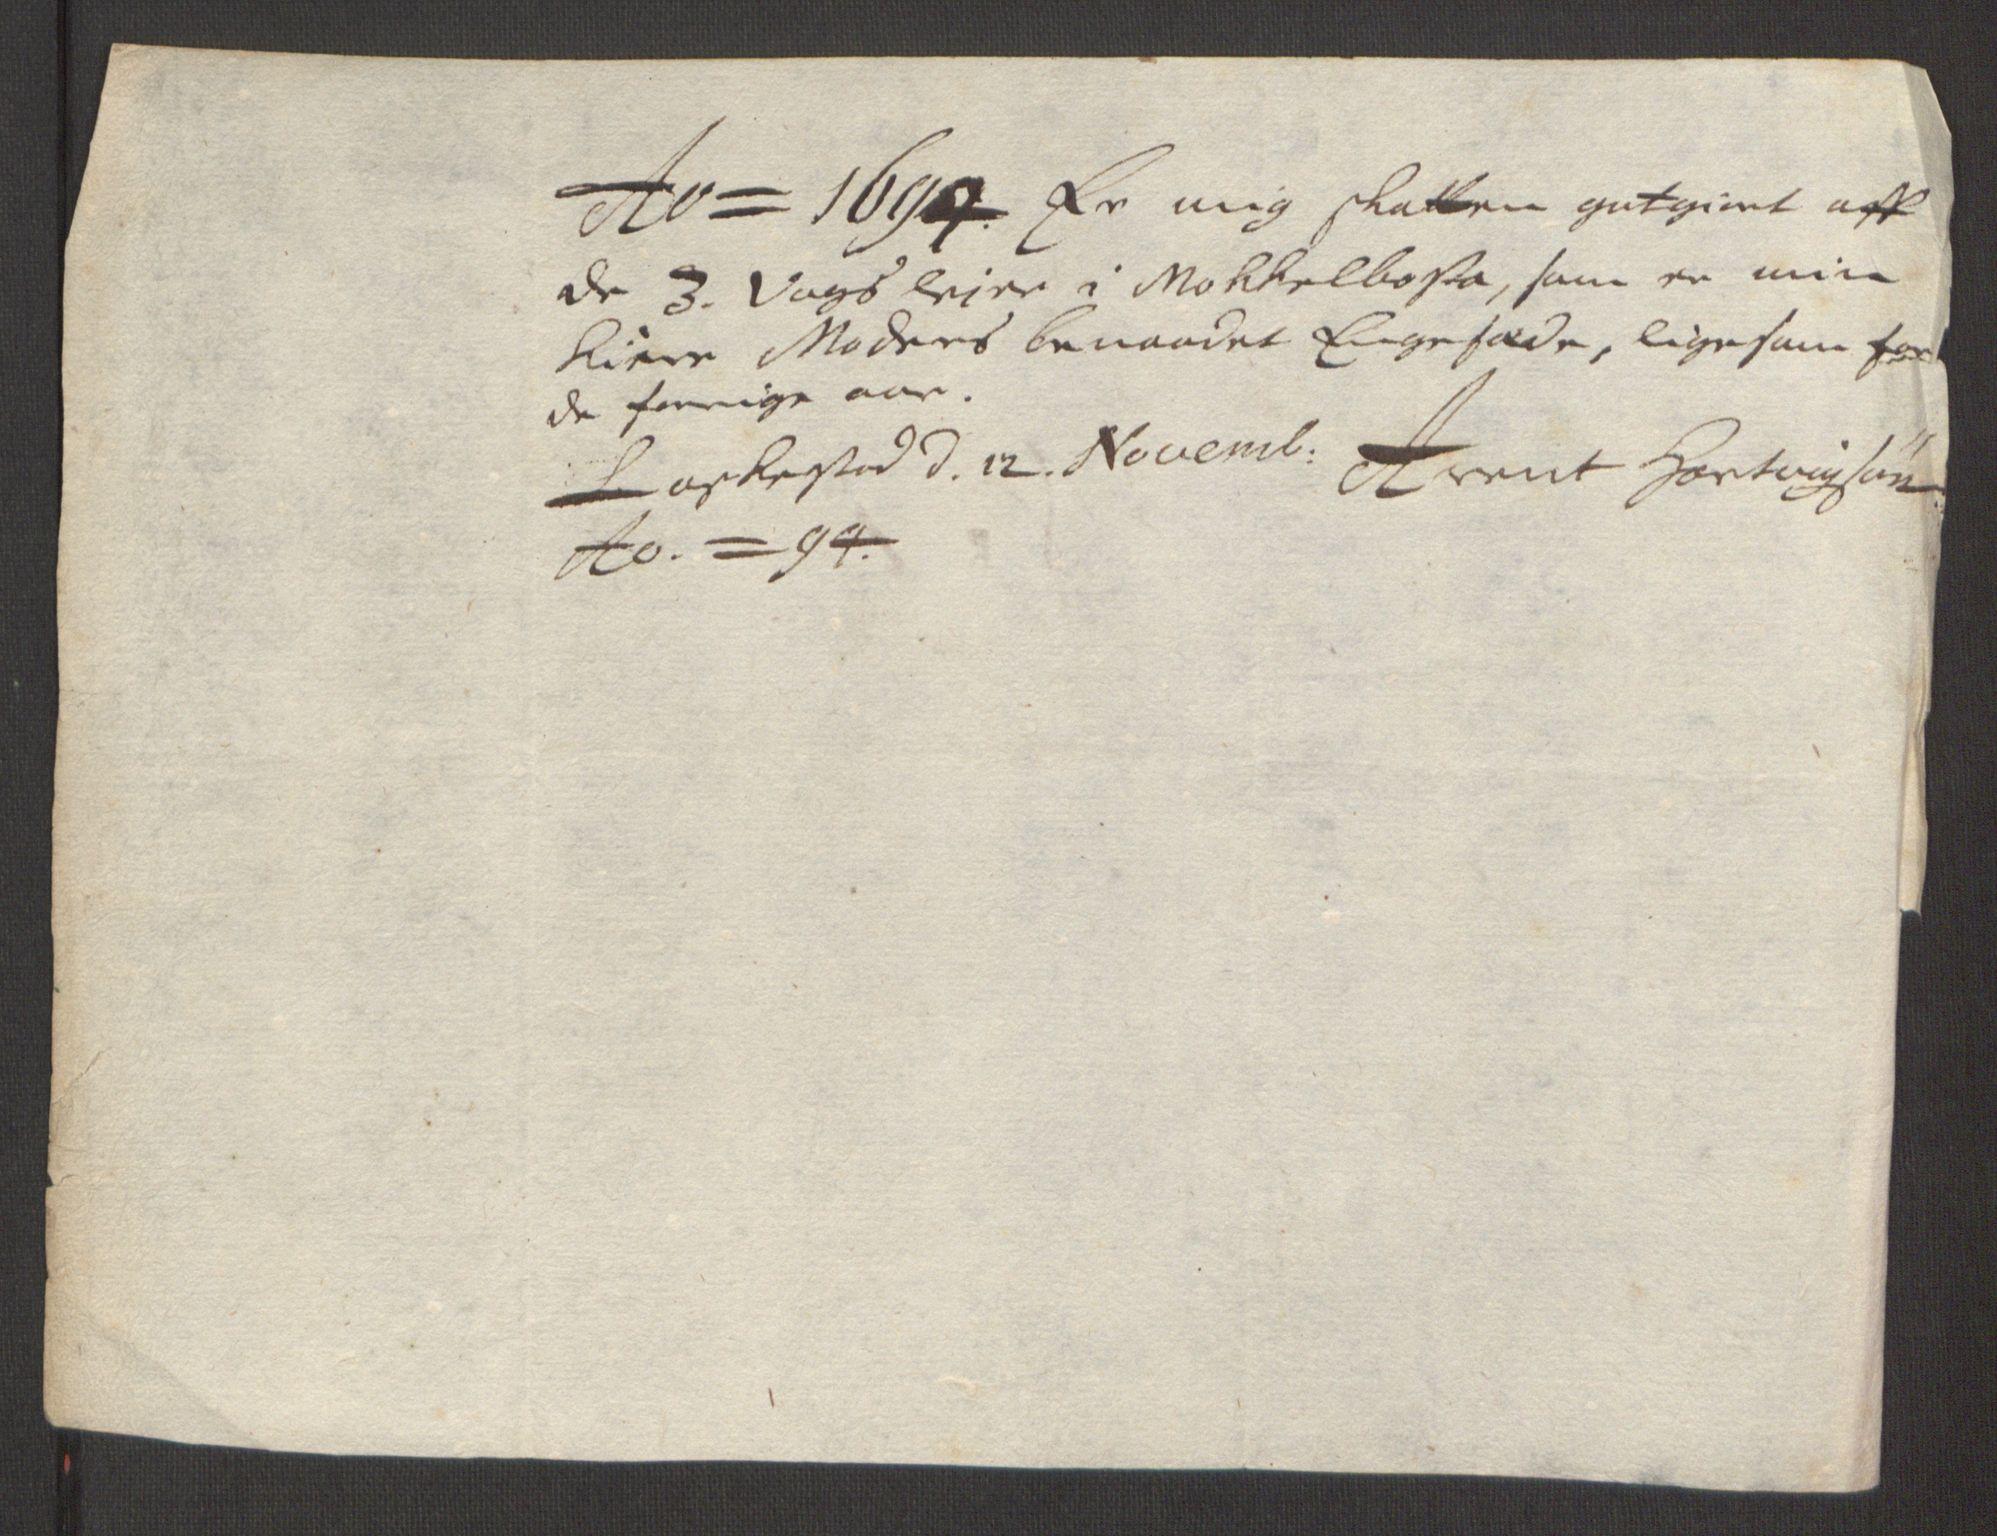 RA, Rentekammeret inntil 1814, Reviderte regnskaper, Fogderegnskap, R66/L4578: Fogderegnskap Salten, 1694-1696, s. 85